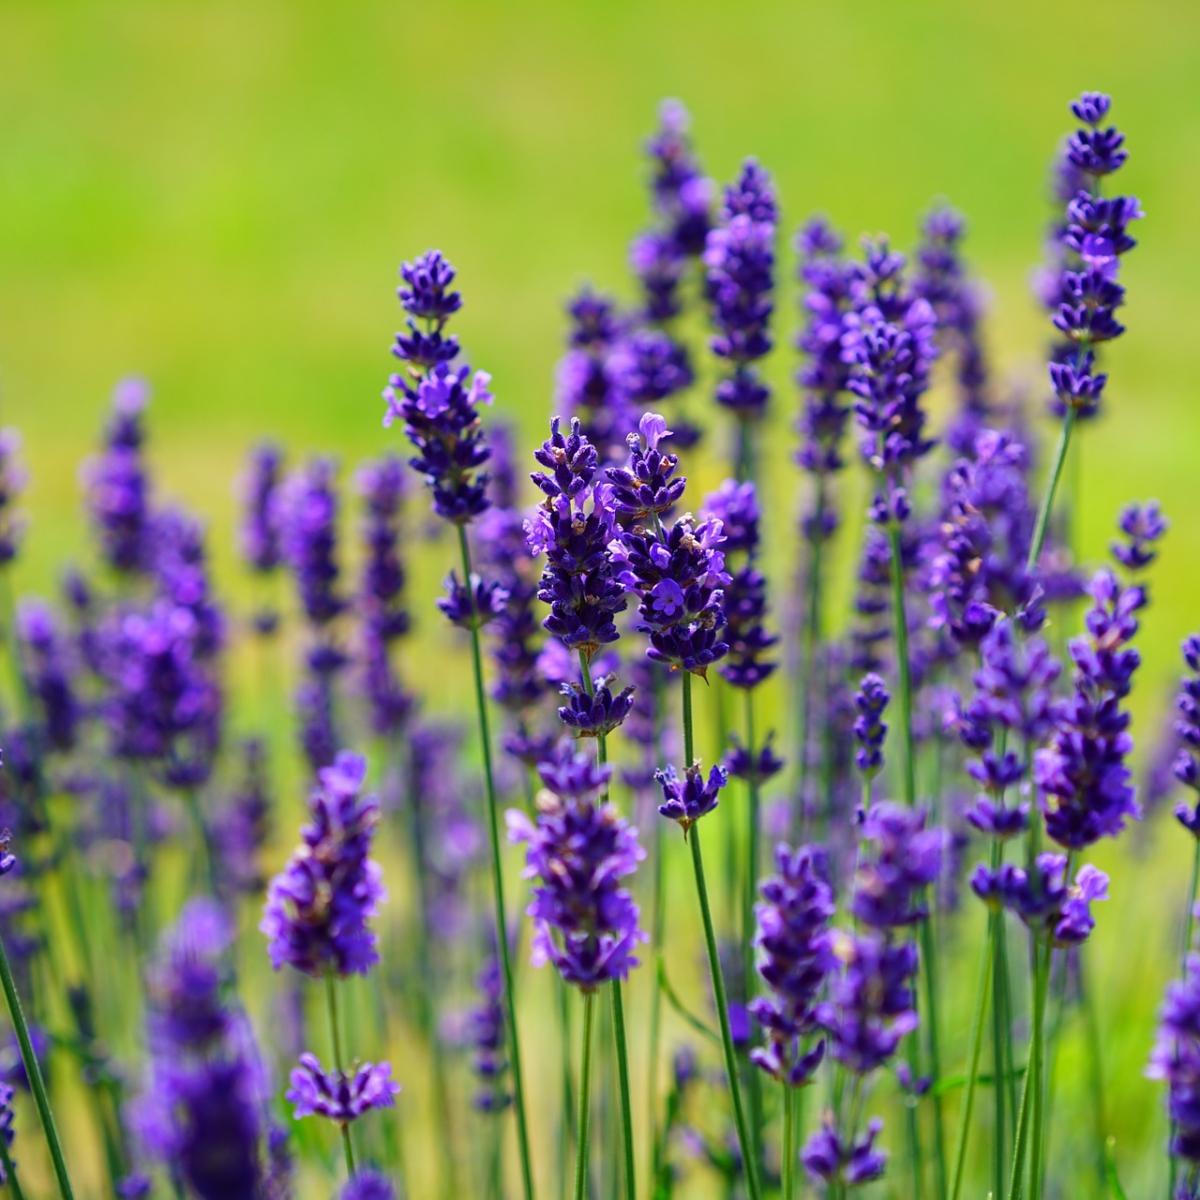 ラベンダー精油の効果効能とおすすめの使い方、相性の良い香り